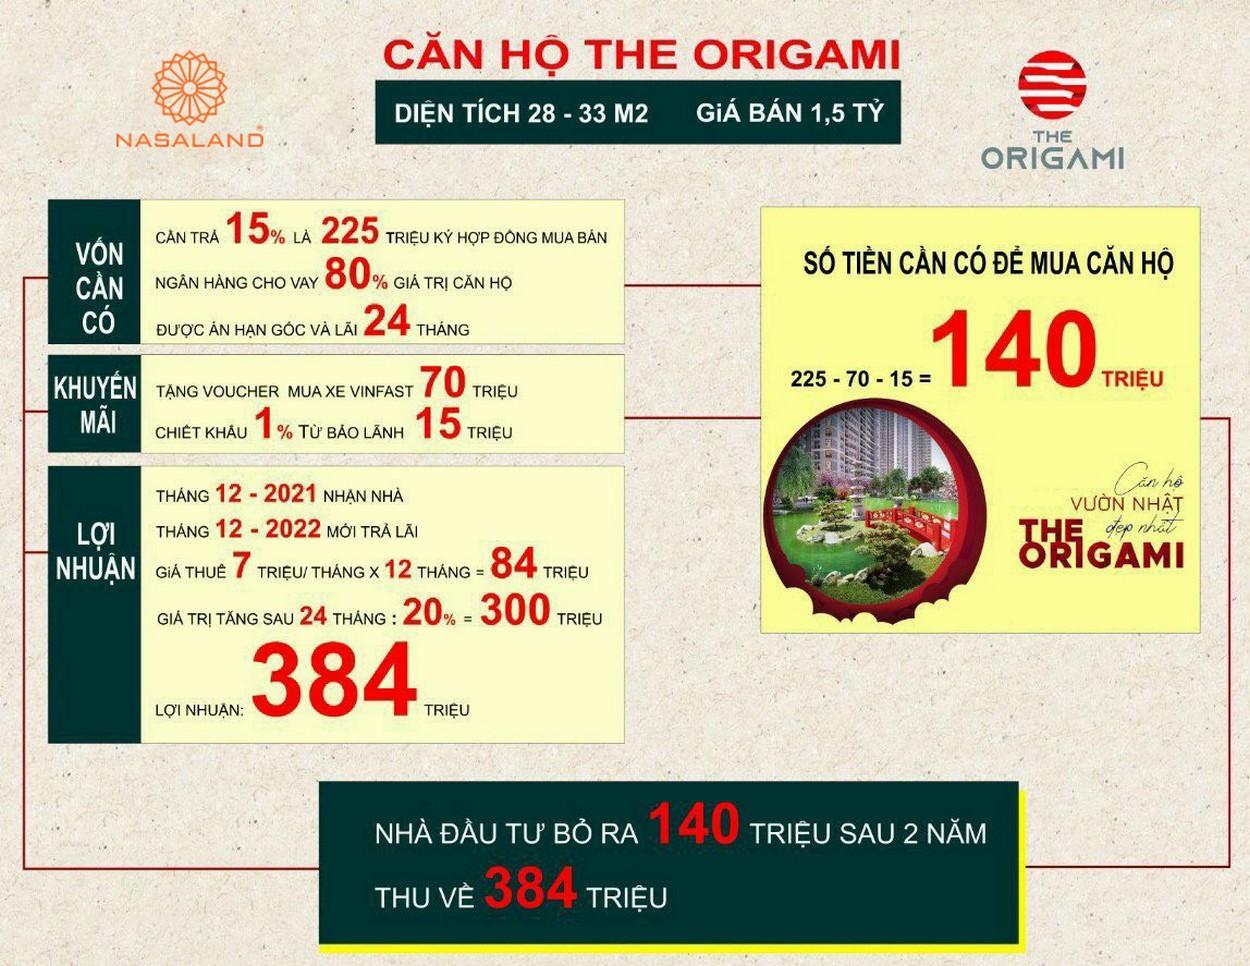 Đầu tư căn hộ Origami S10 với phương thức thanh toán linh hoạt